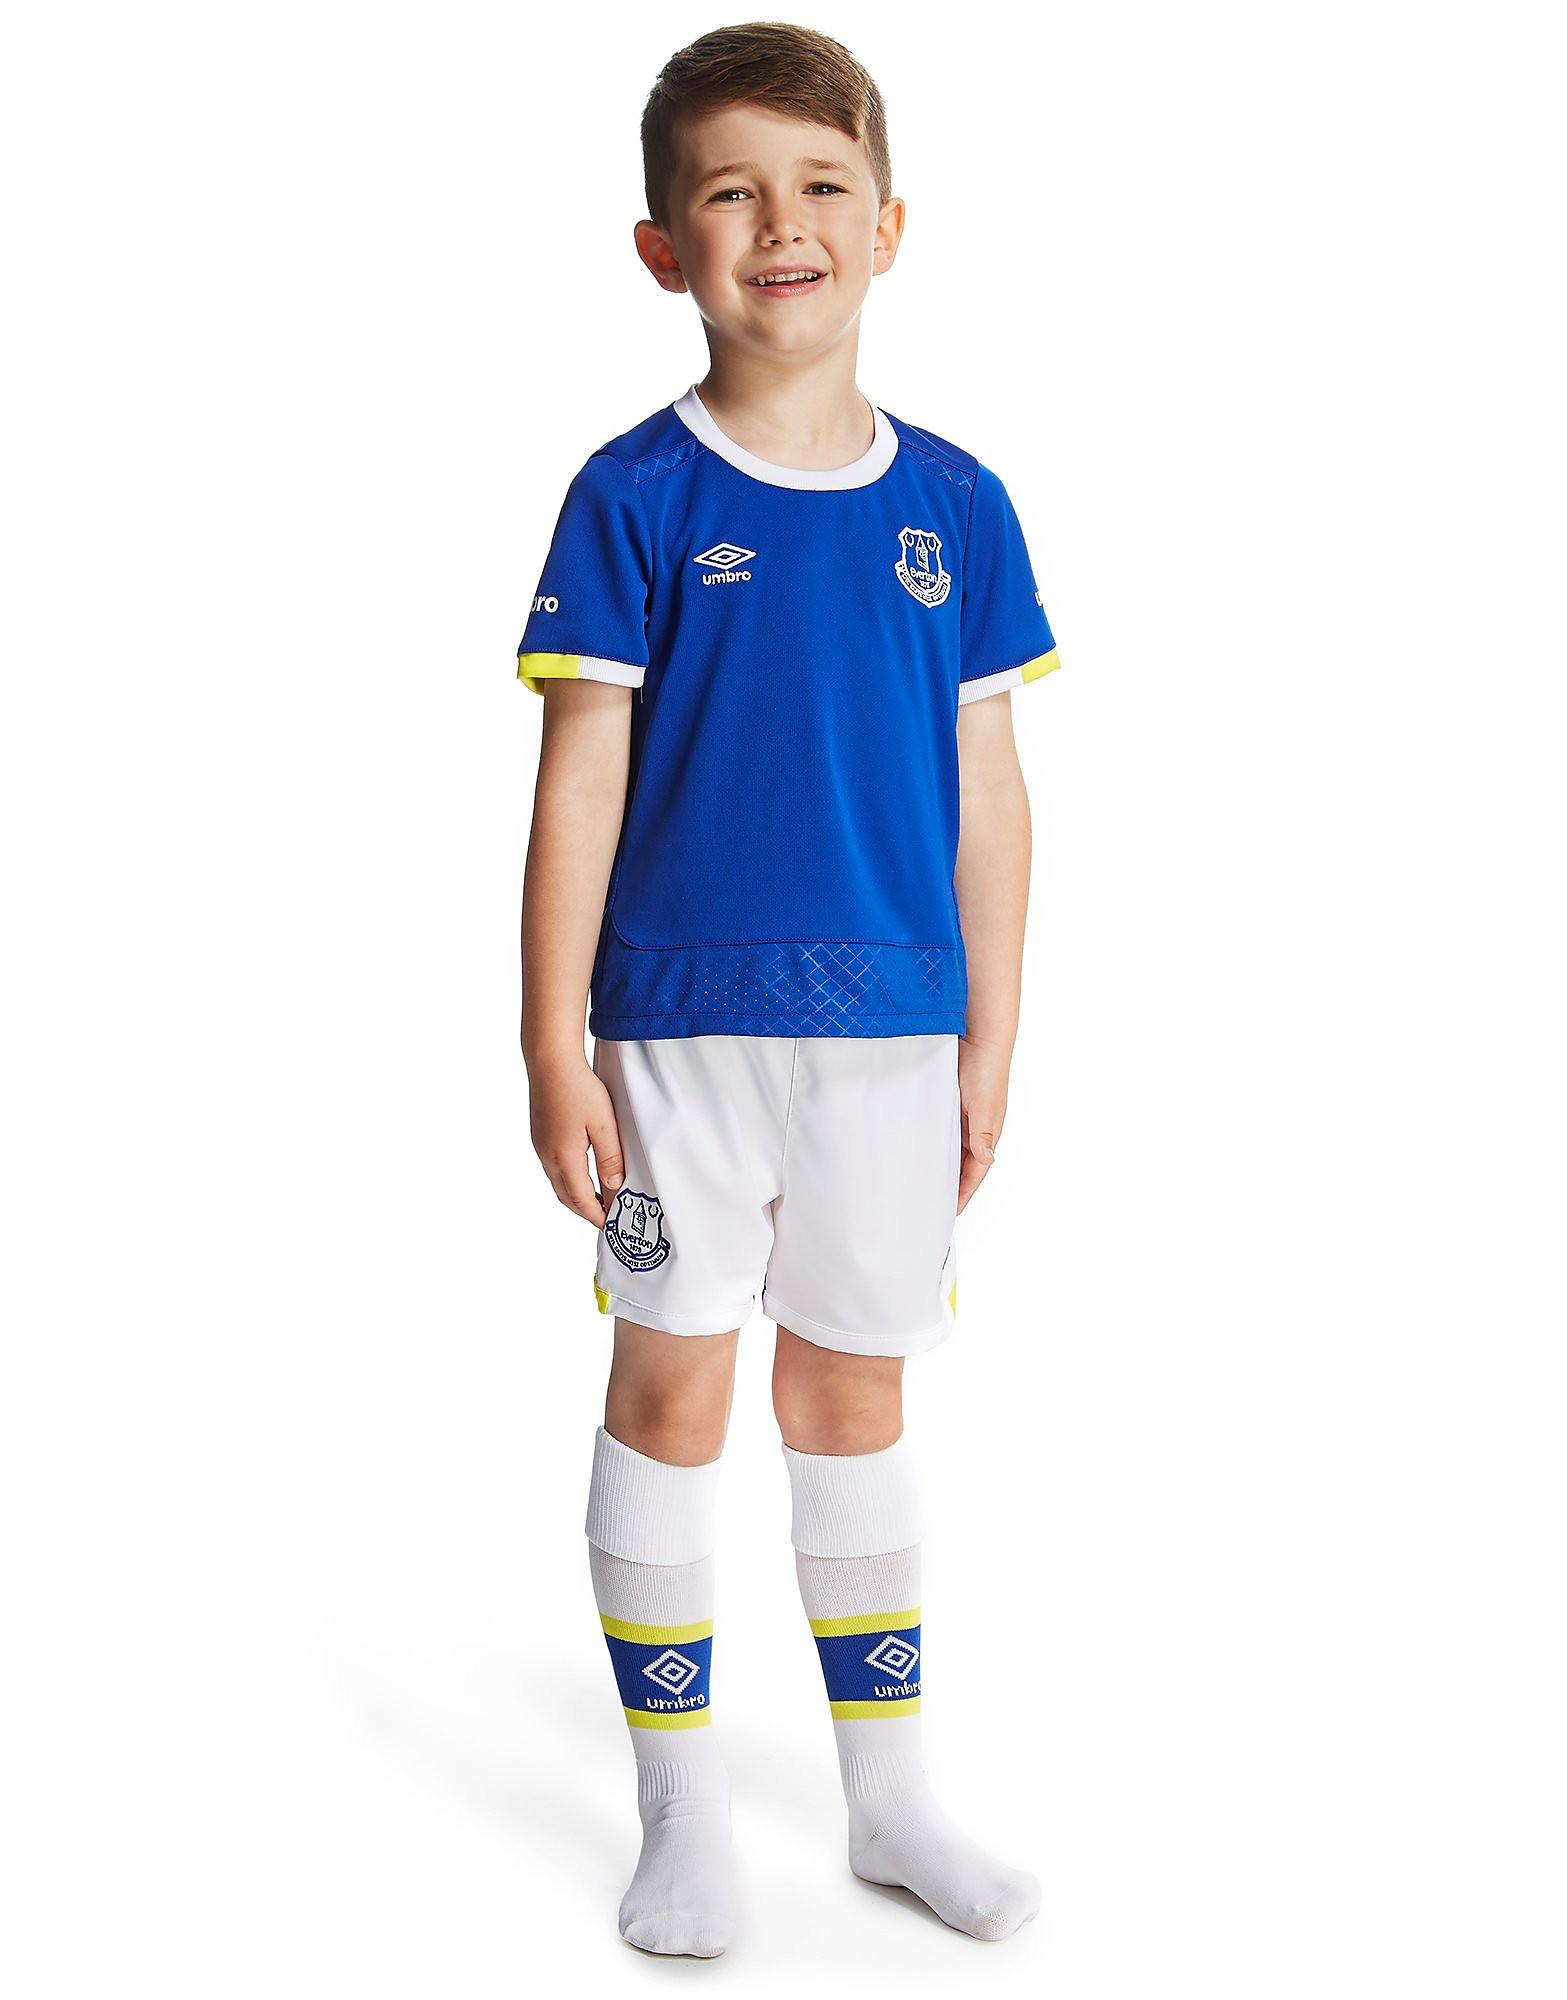 Umbro Everton FC 2016/17 Home Kit Children